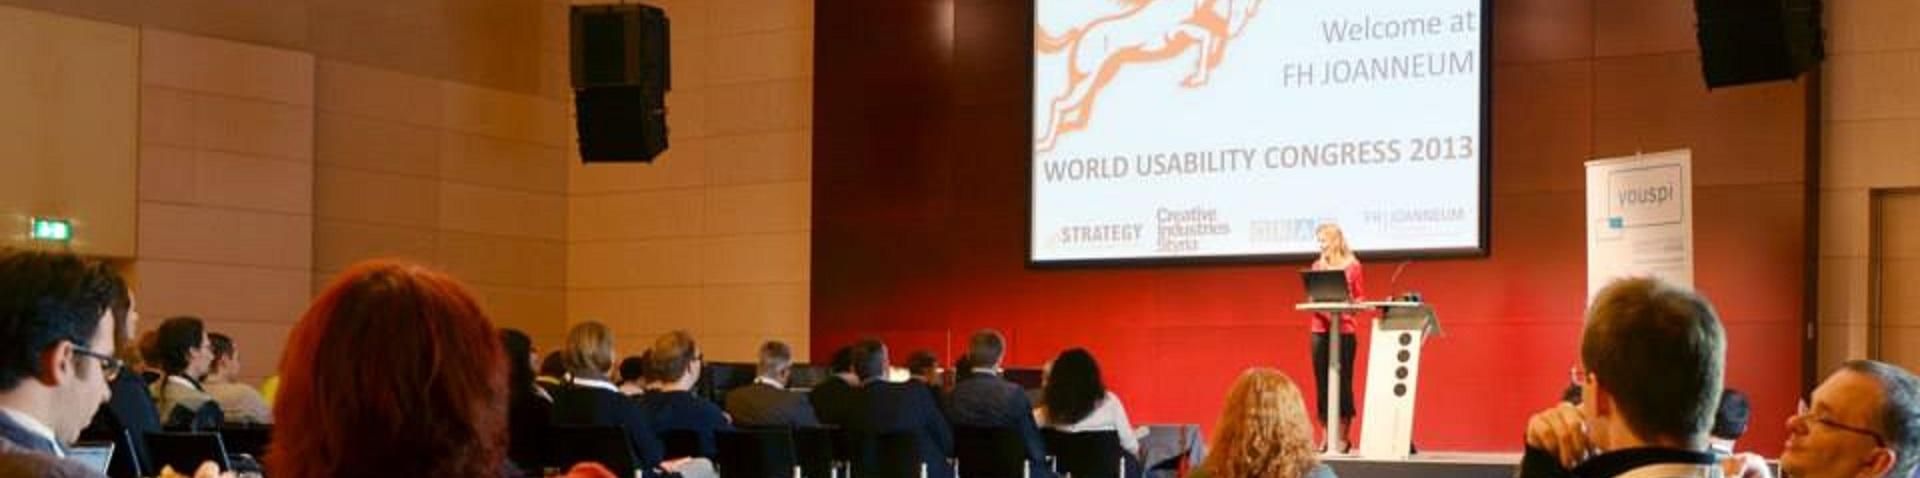 World Usability Congress | Branding news